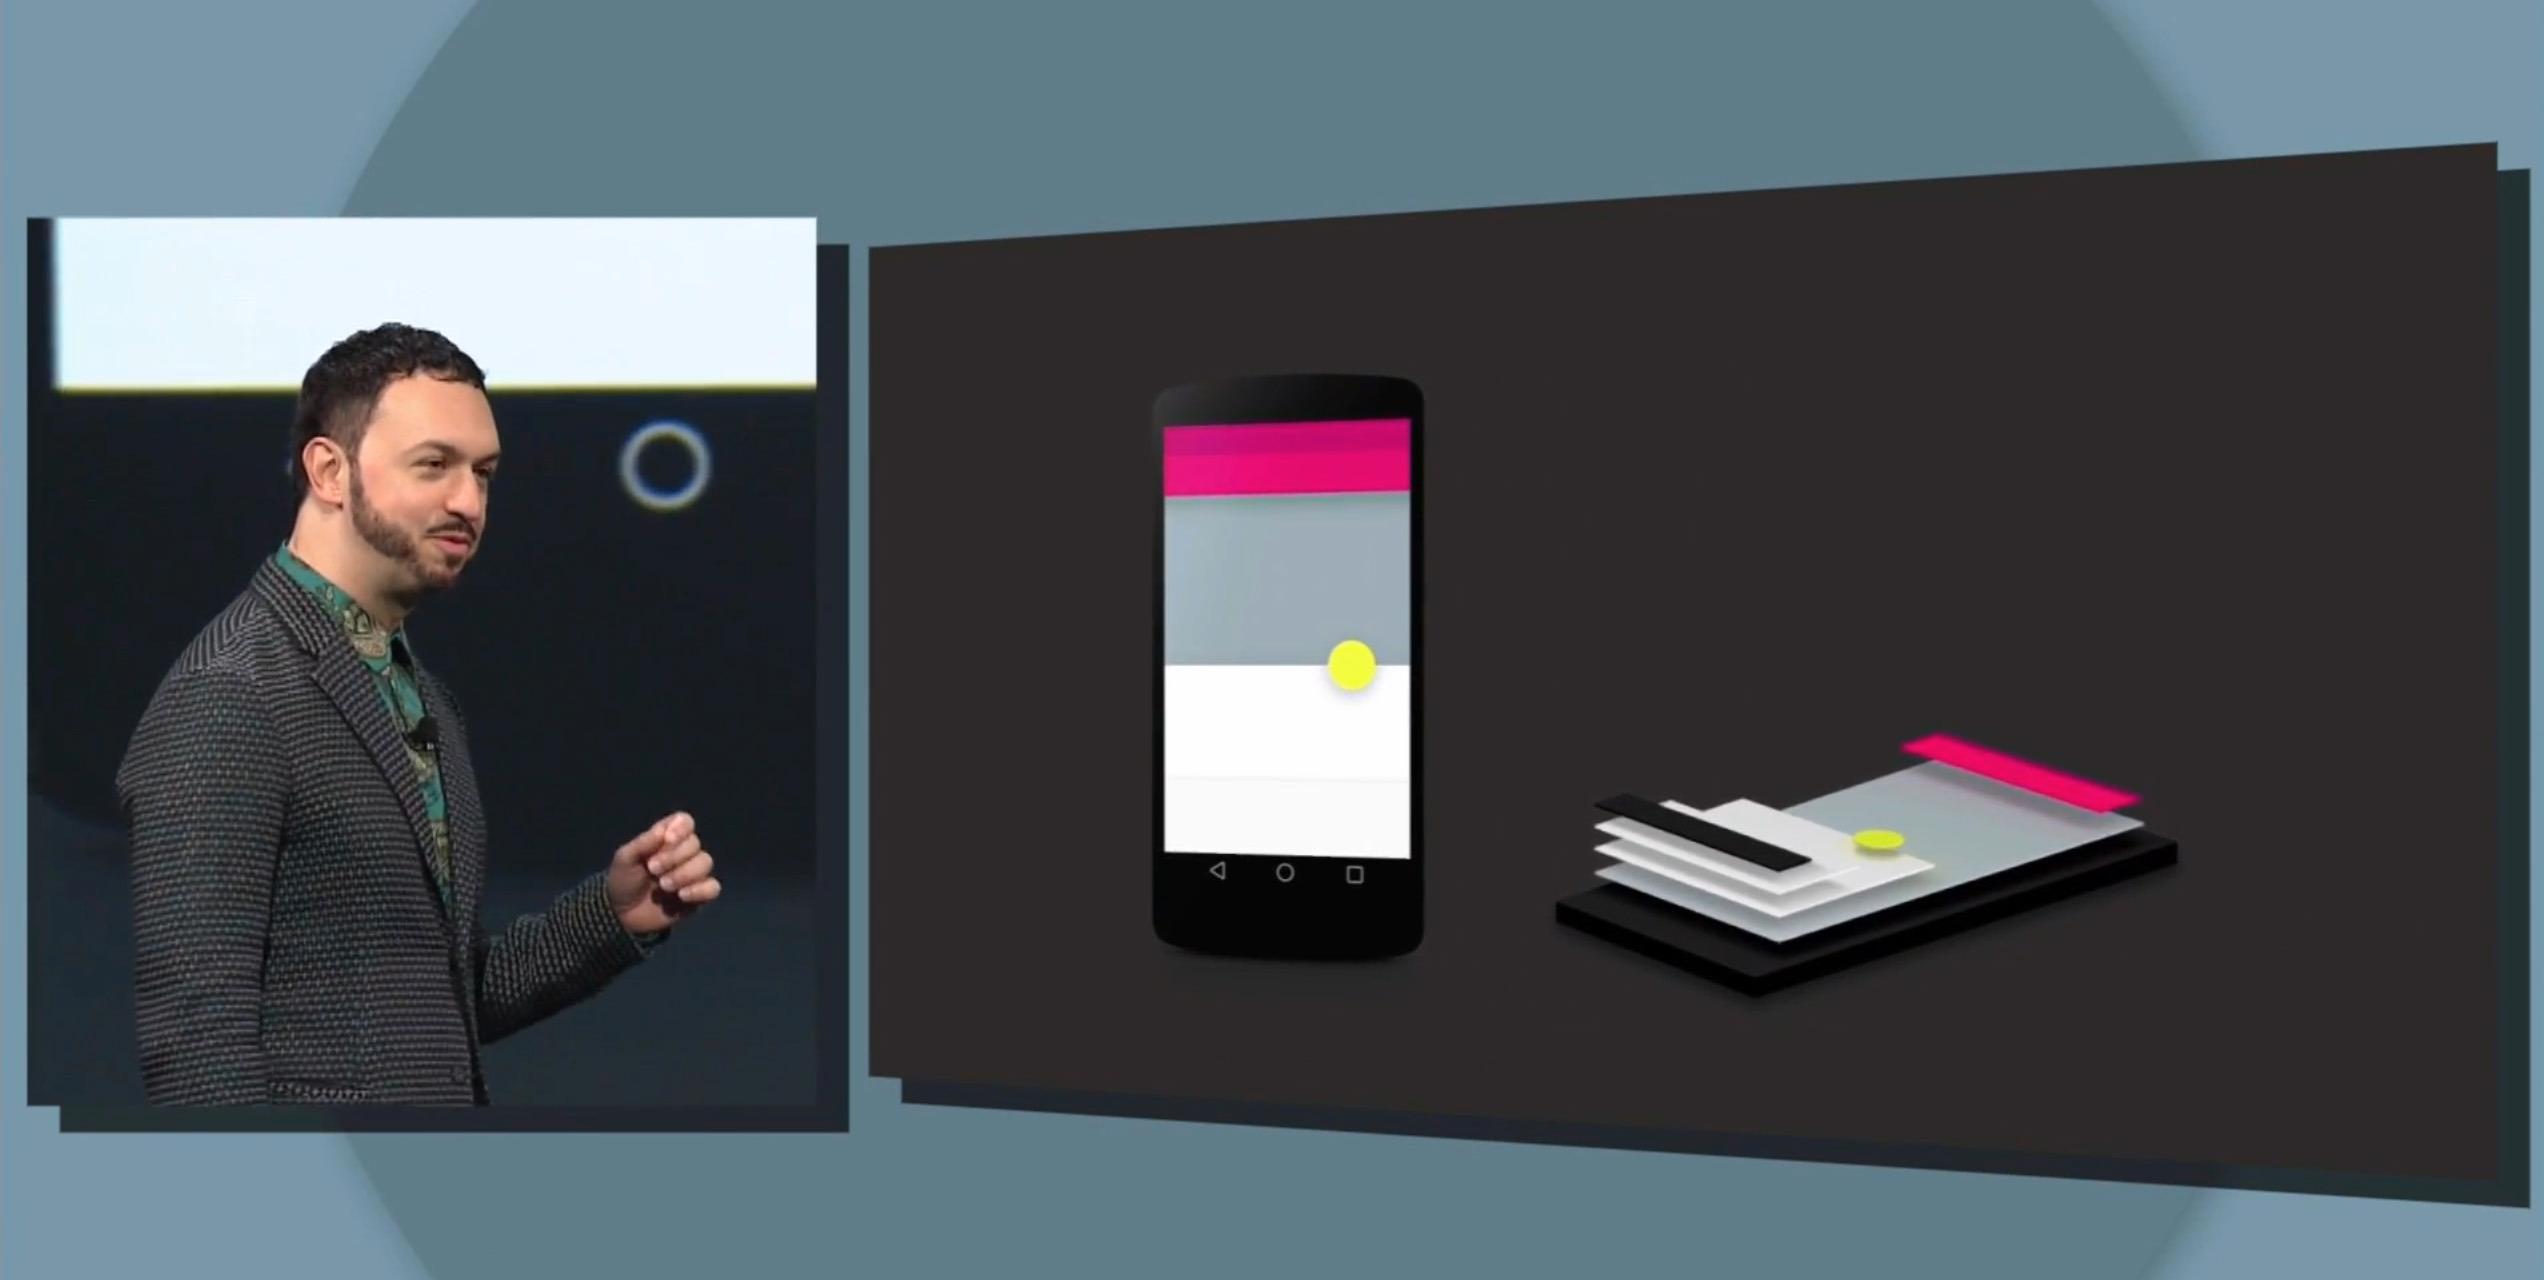 Matias Duarte er visepresident for design i Android-plattformen, og viste i kveld frem den nye designen Android L vil få.Foto: Skjermdump/Google